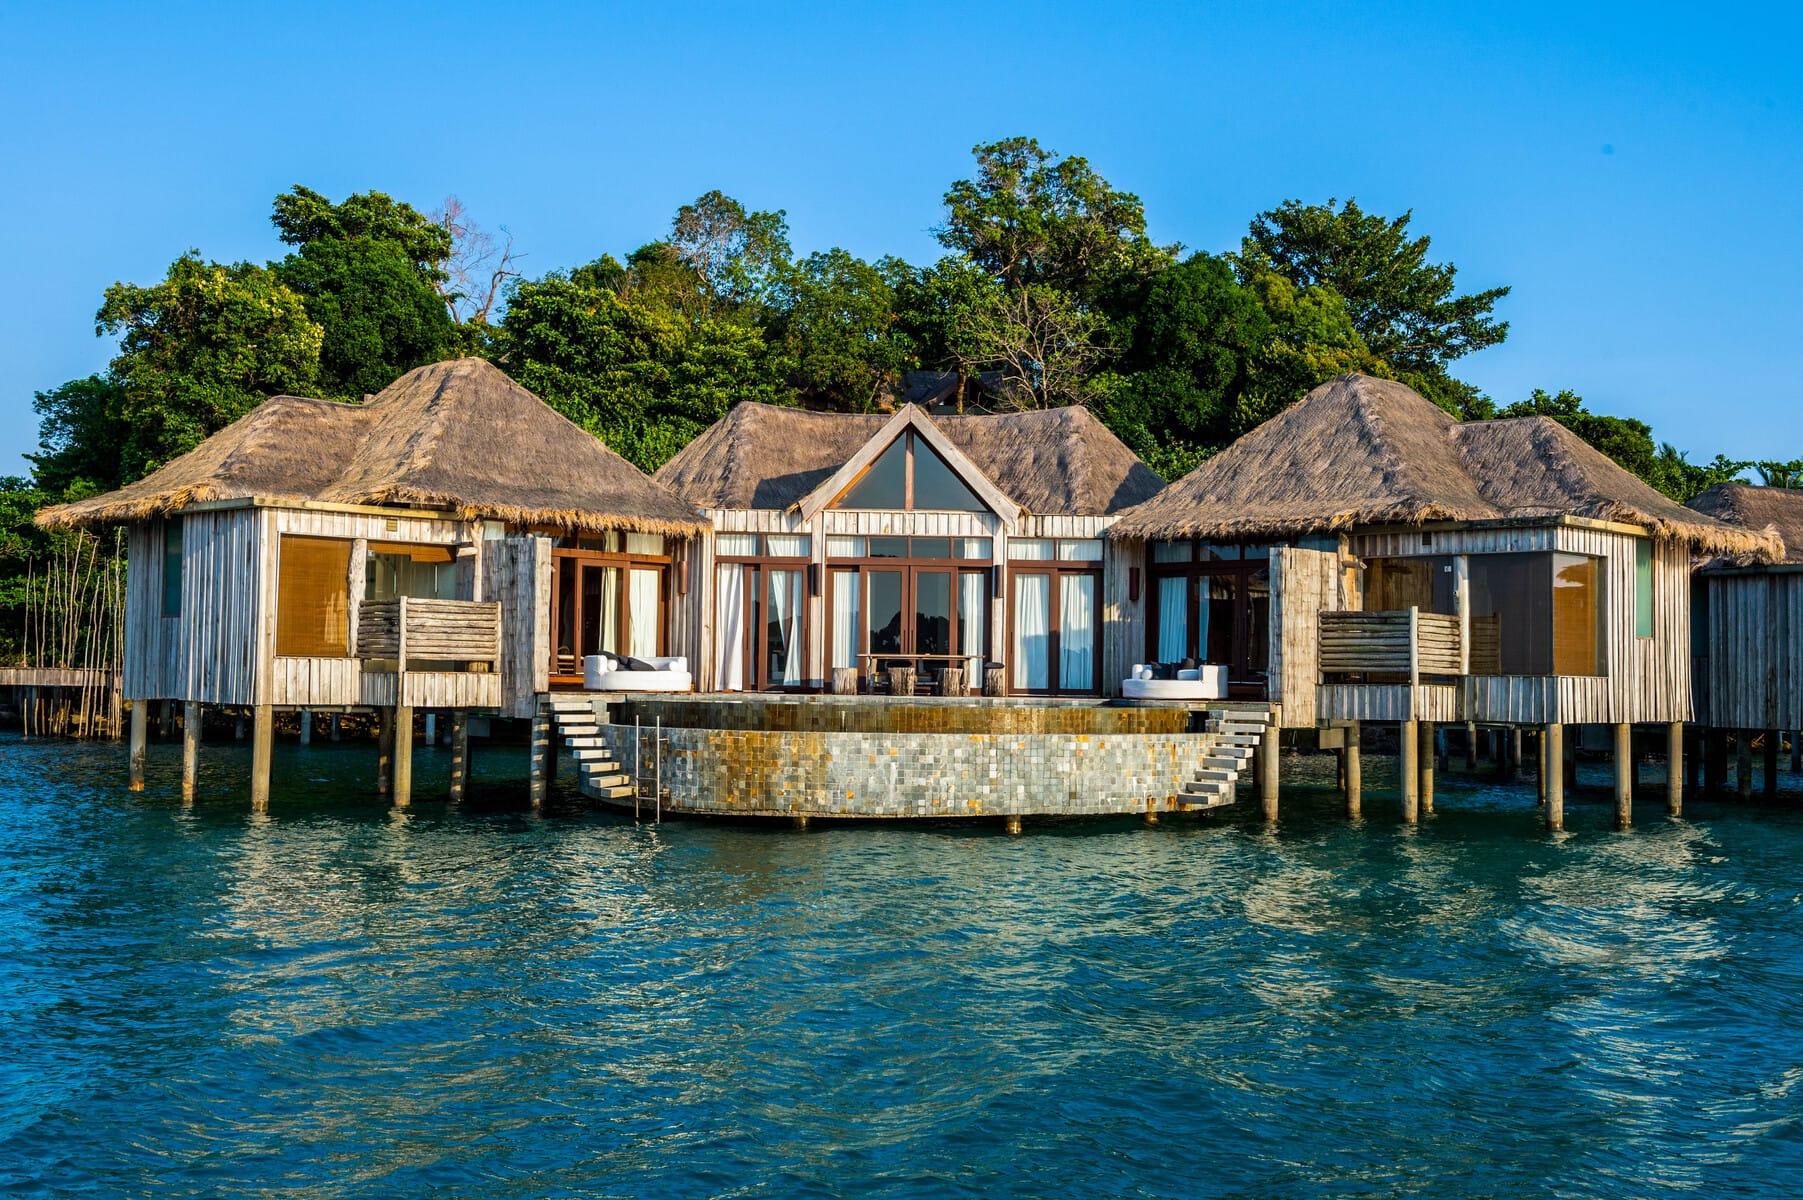 Song Saa Insel - Overwater Villa mit zwei Schlafzimmern - Radermacher Reisen